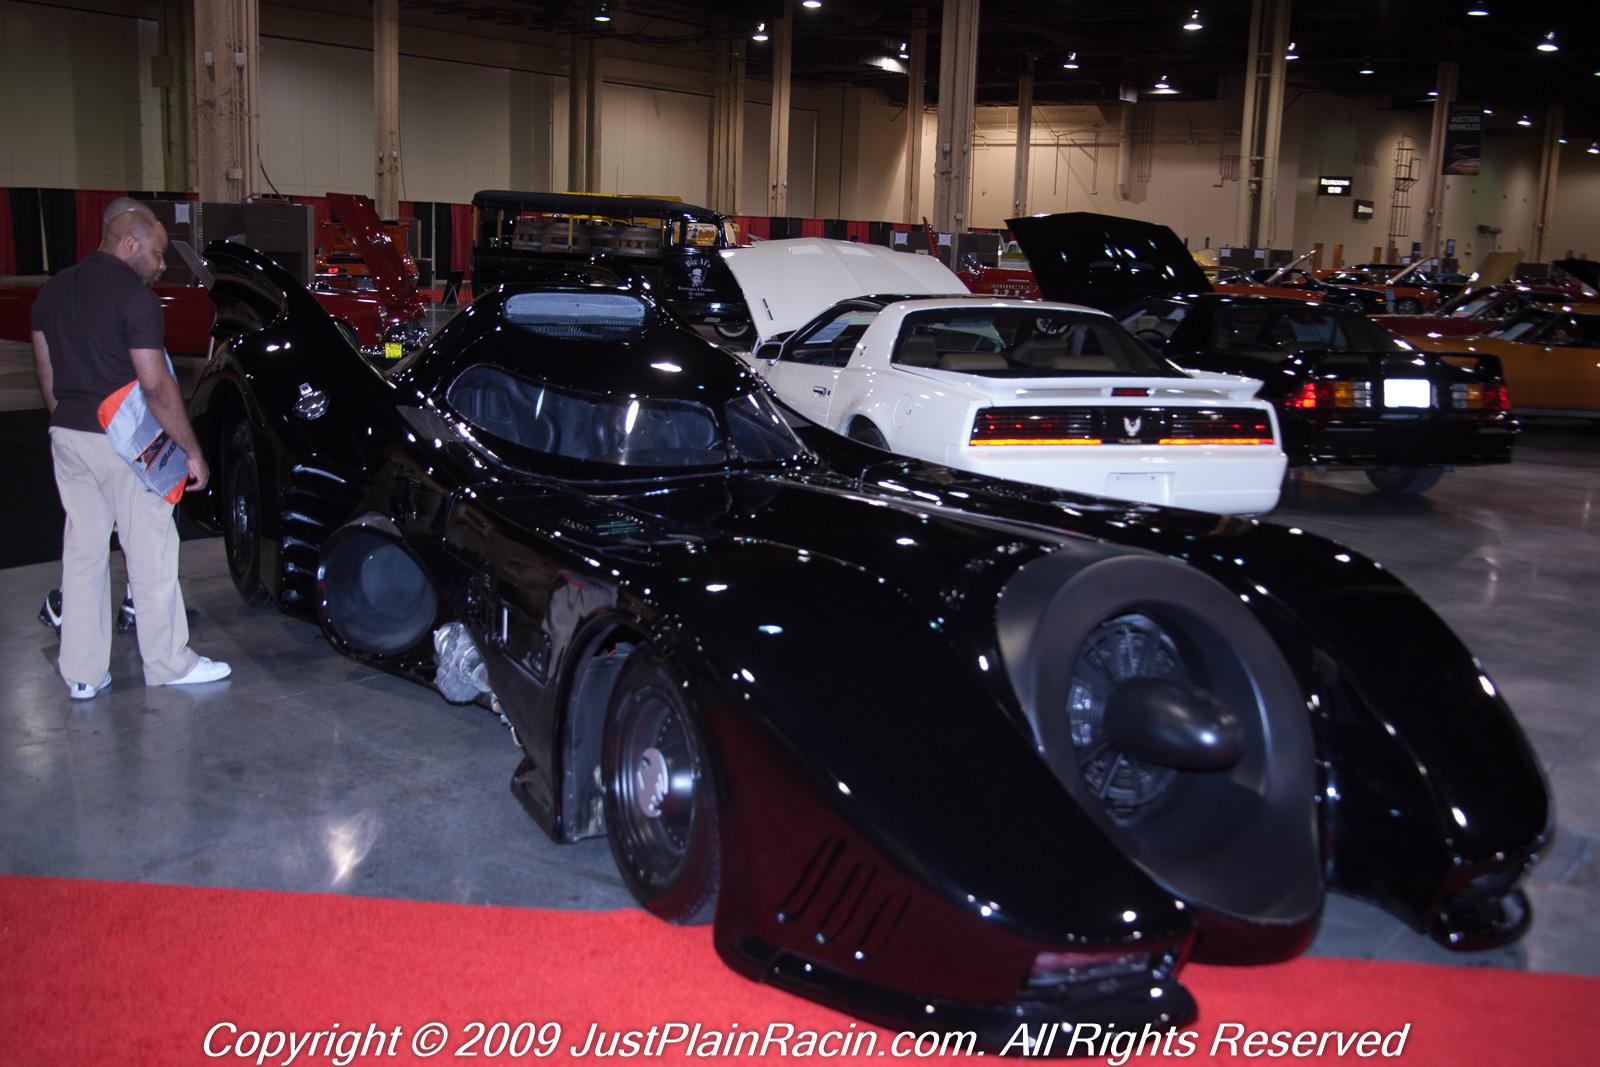 2009 10 09 NV - Barrett-Jackson 113.jpg